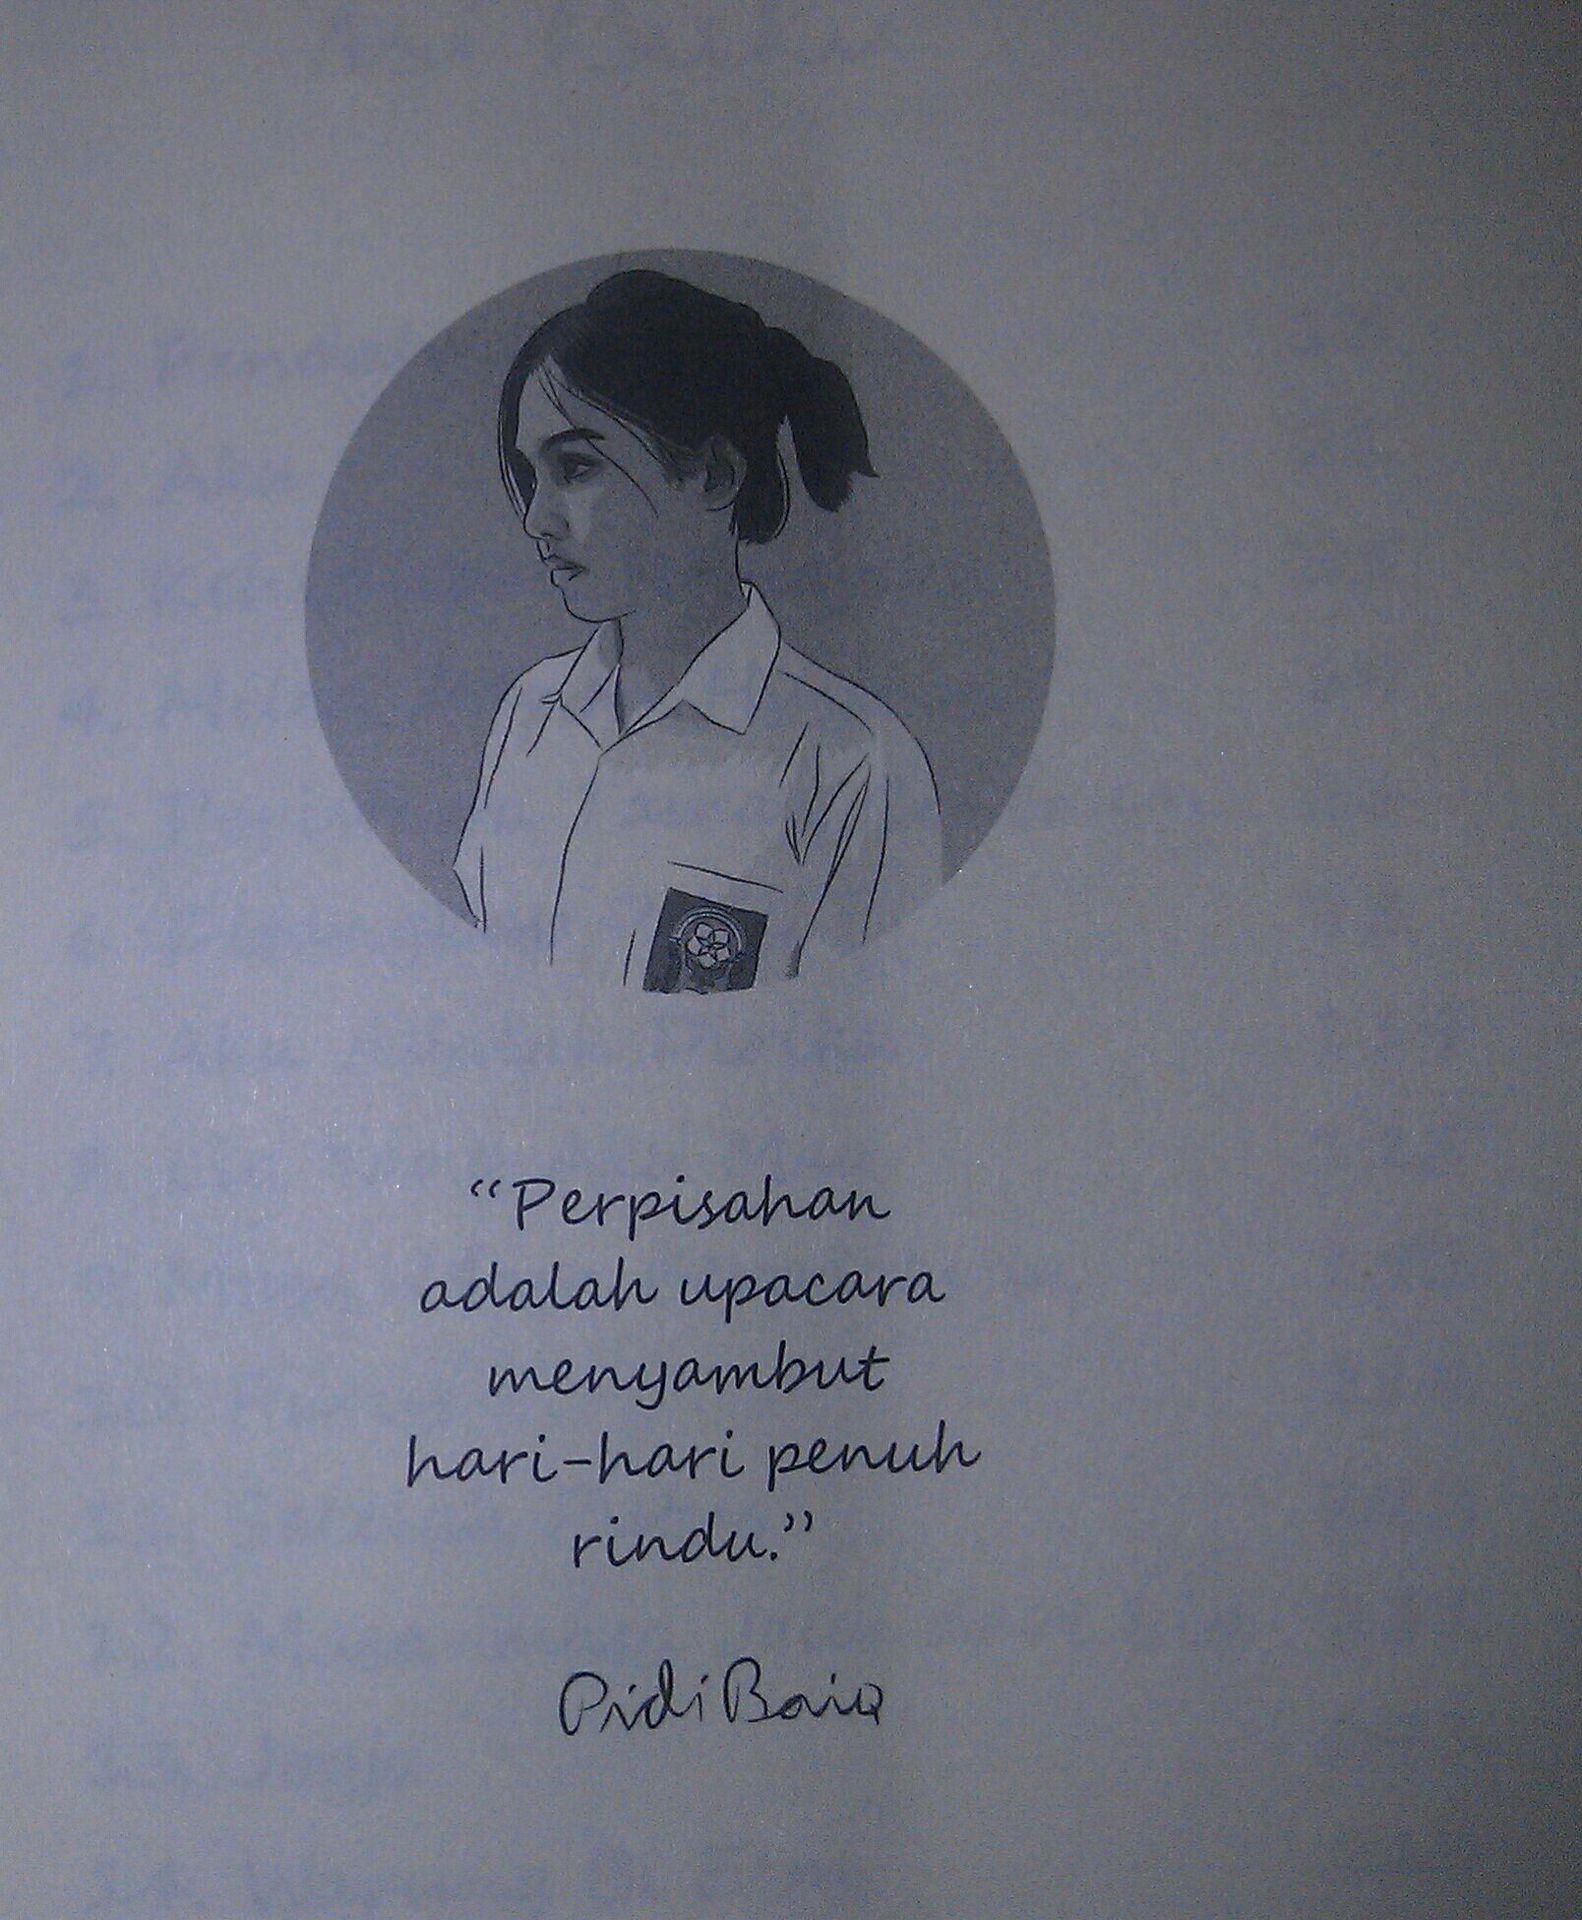 Quotes Milea Suara Dari Dilan : quotes, milea, suara, dilan, QUOTES,